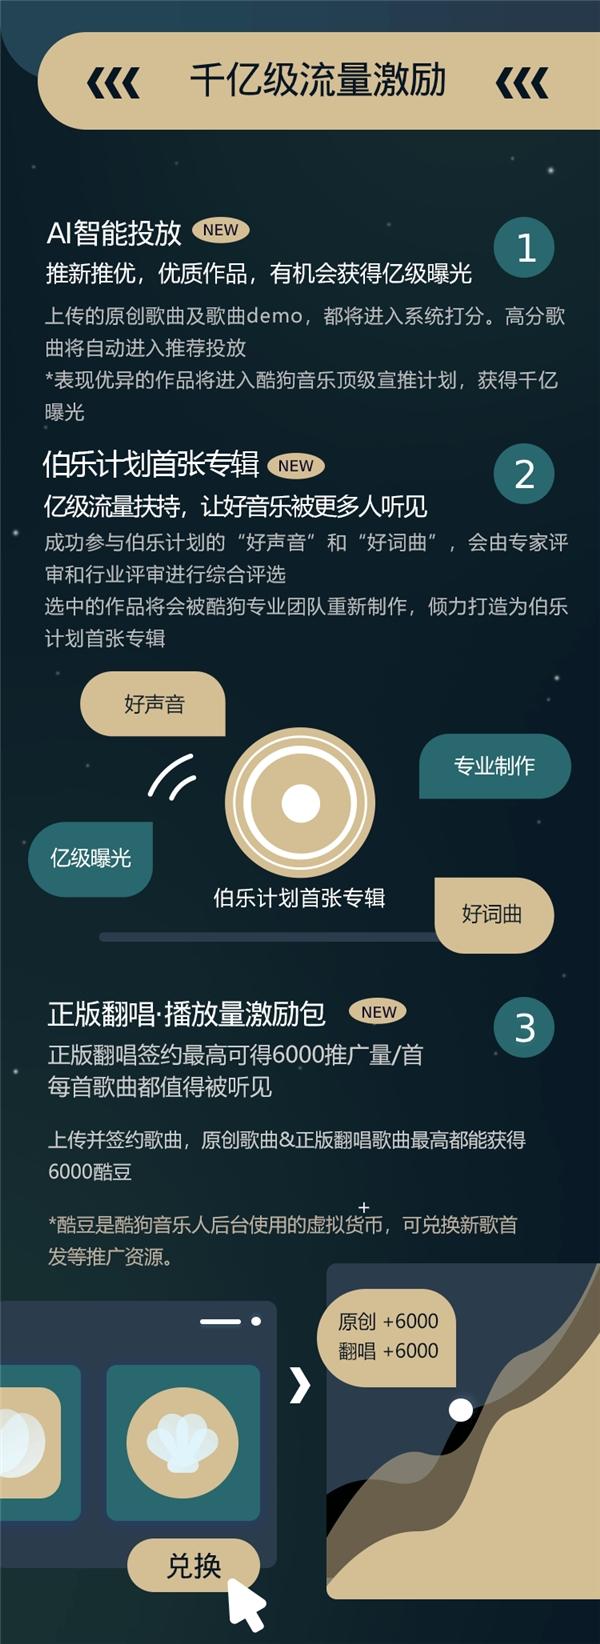 """酷狗开放平台""""亿元激励3.0 x 伯乐计划"""" 最高收益100%"""